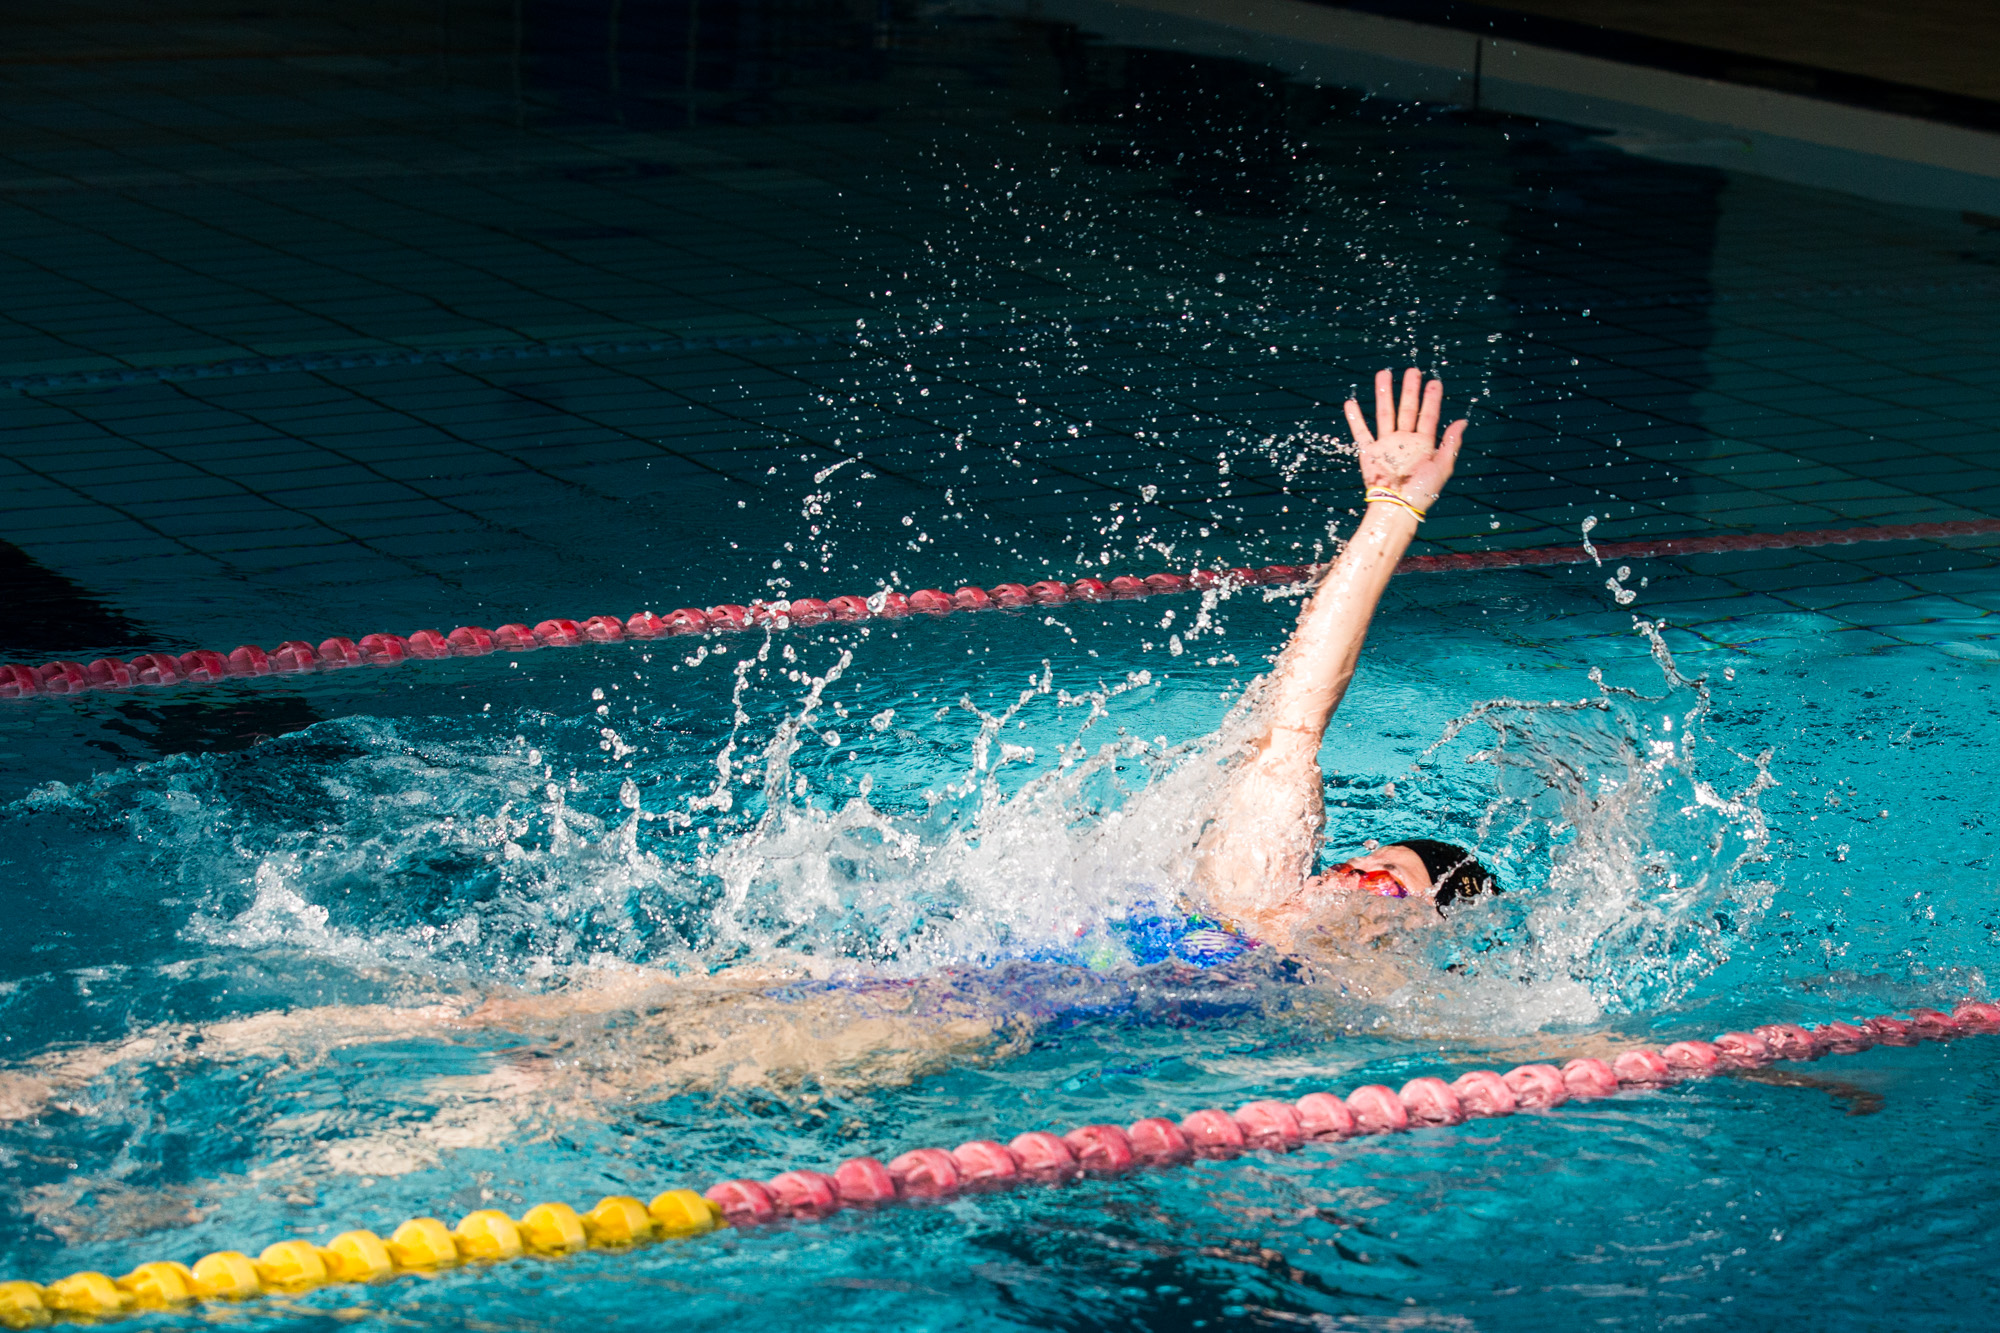 足に障害がある為、足の機能が使えないので、手の力だけで泳ぐ成田(撮影:越智貴雄)